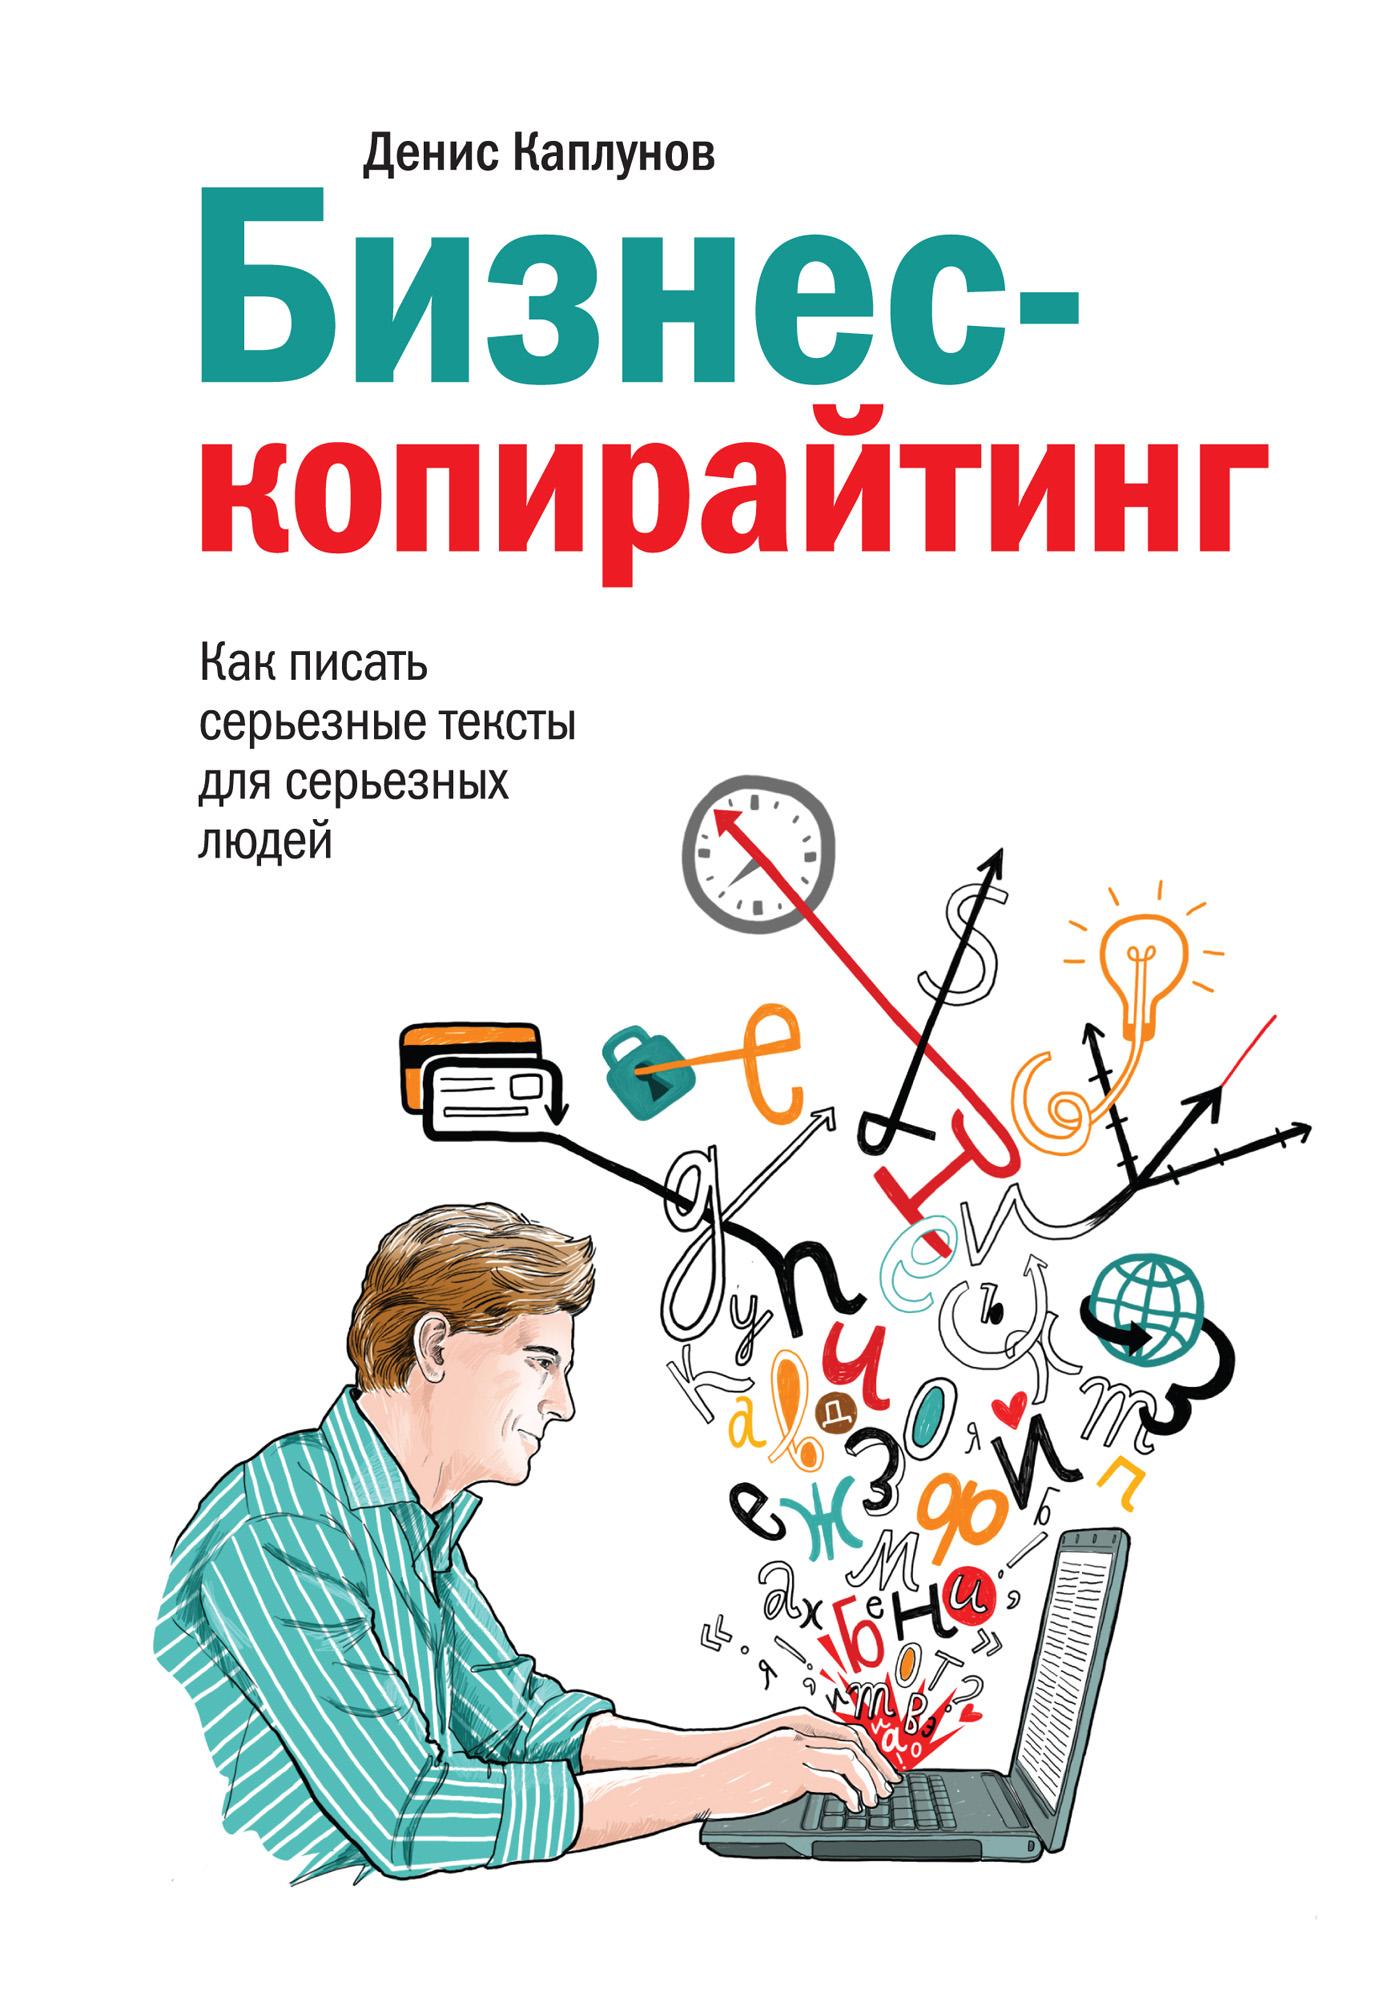 Денис Каплунов Бизнес-копирайтинг. Как писать серьезные тексты для серьезных людей е а ткаченко seo копирайтинг 2 0 как писать тексты в эру семантического поиска